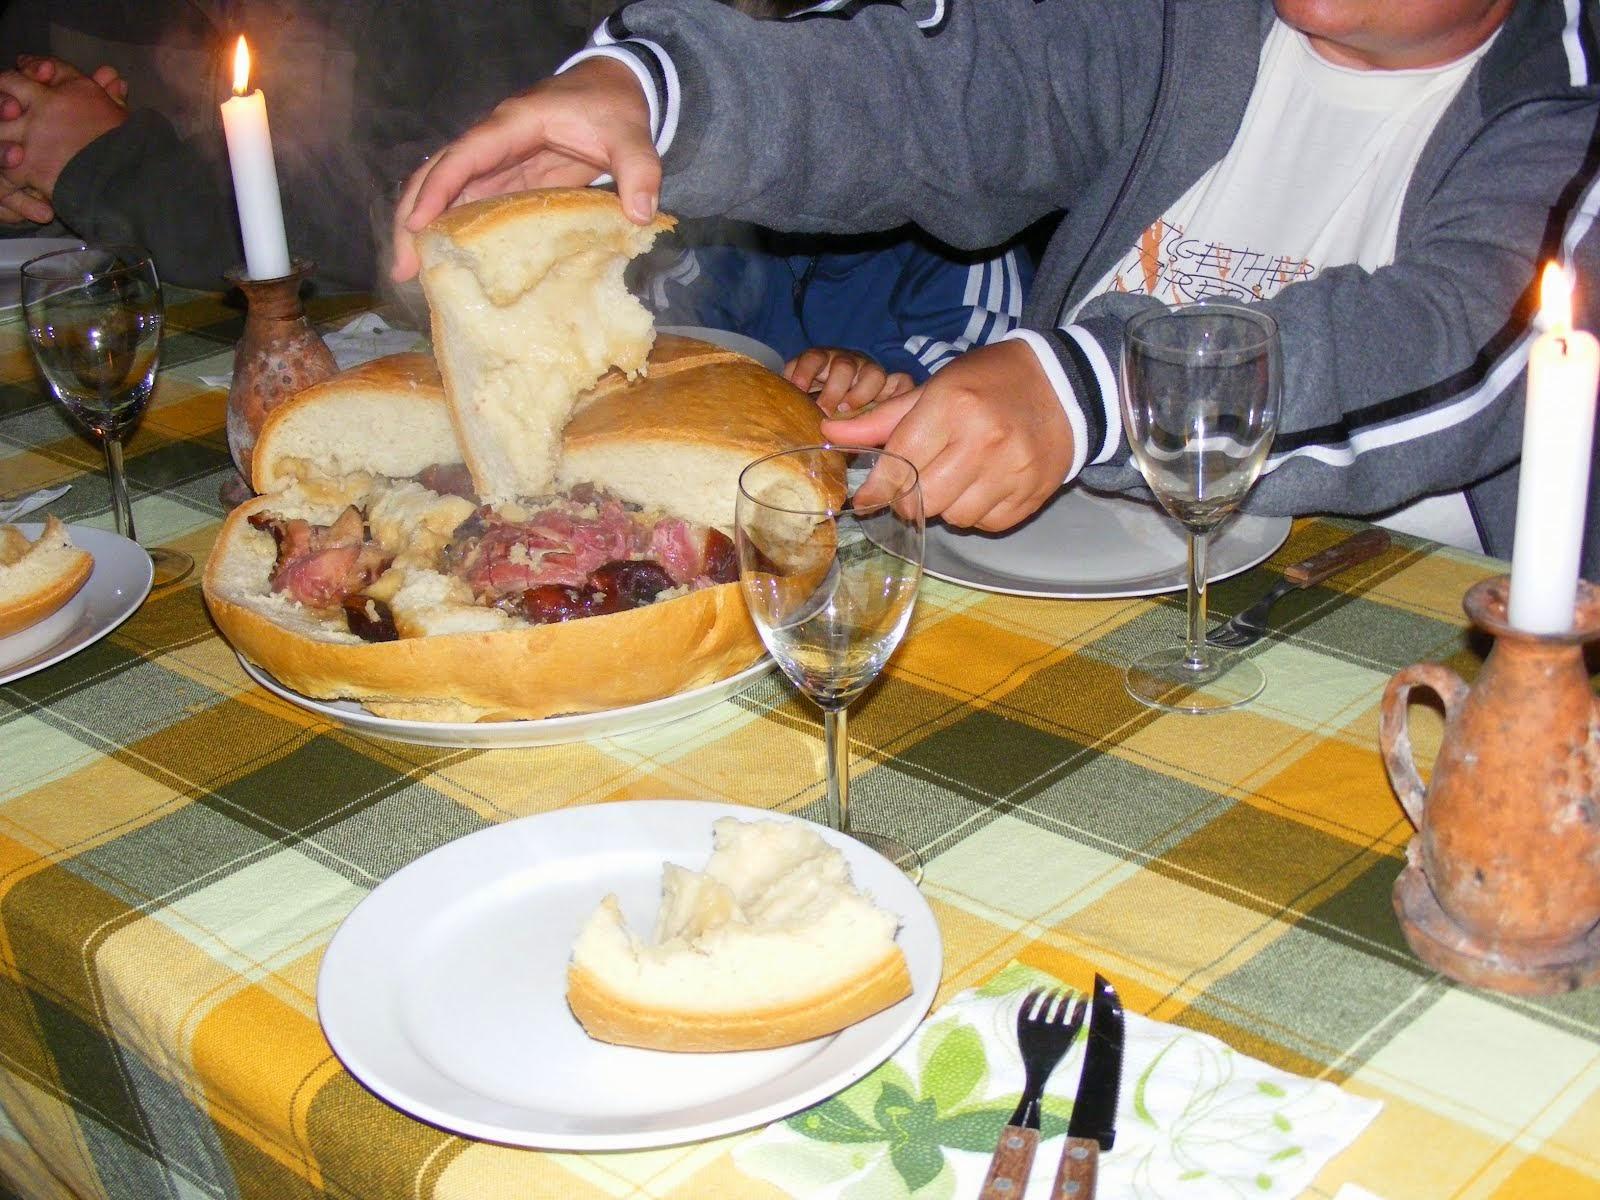 Egy kenyér öt - hat embernek elegendő